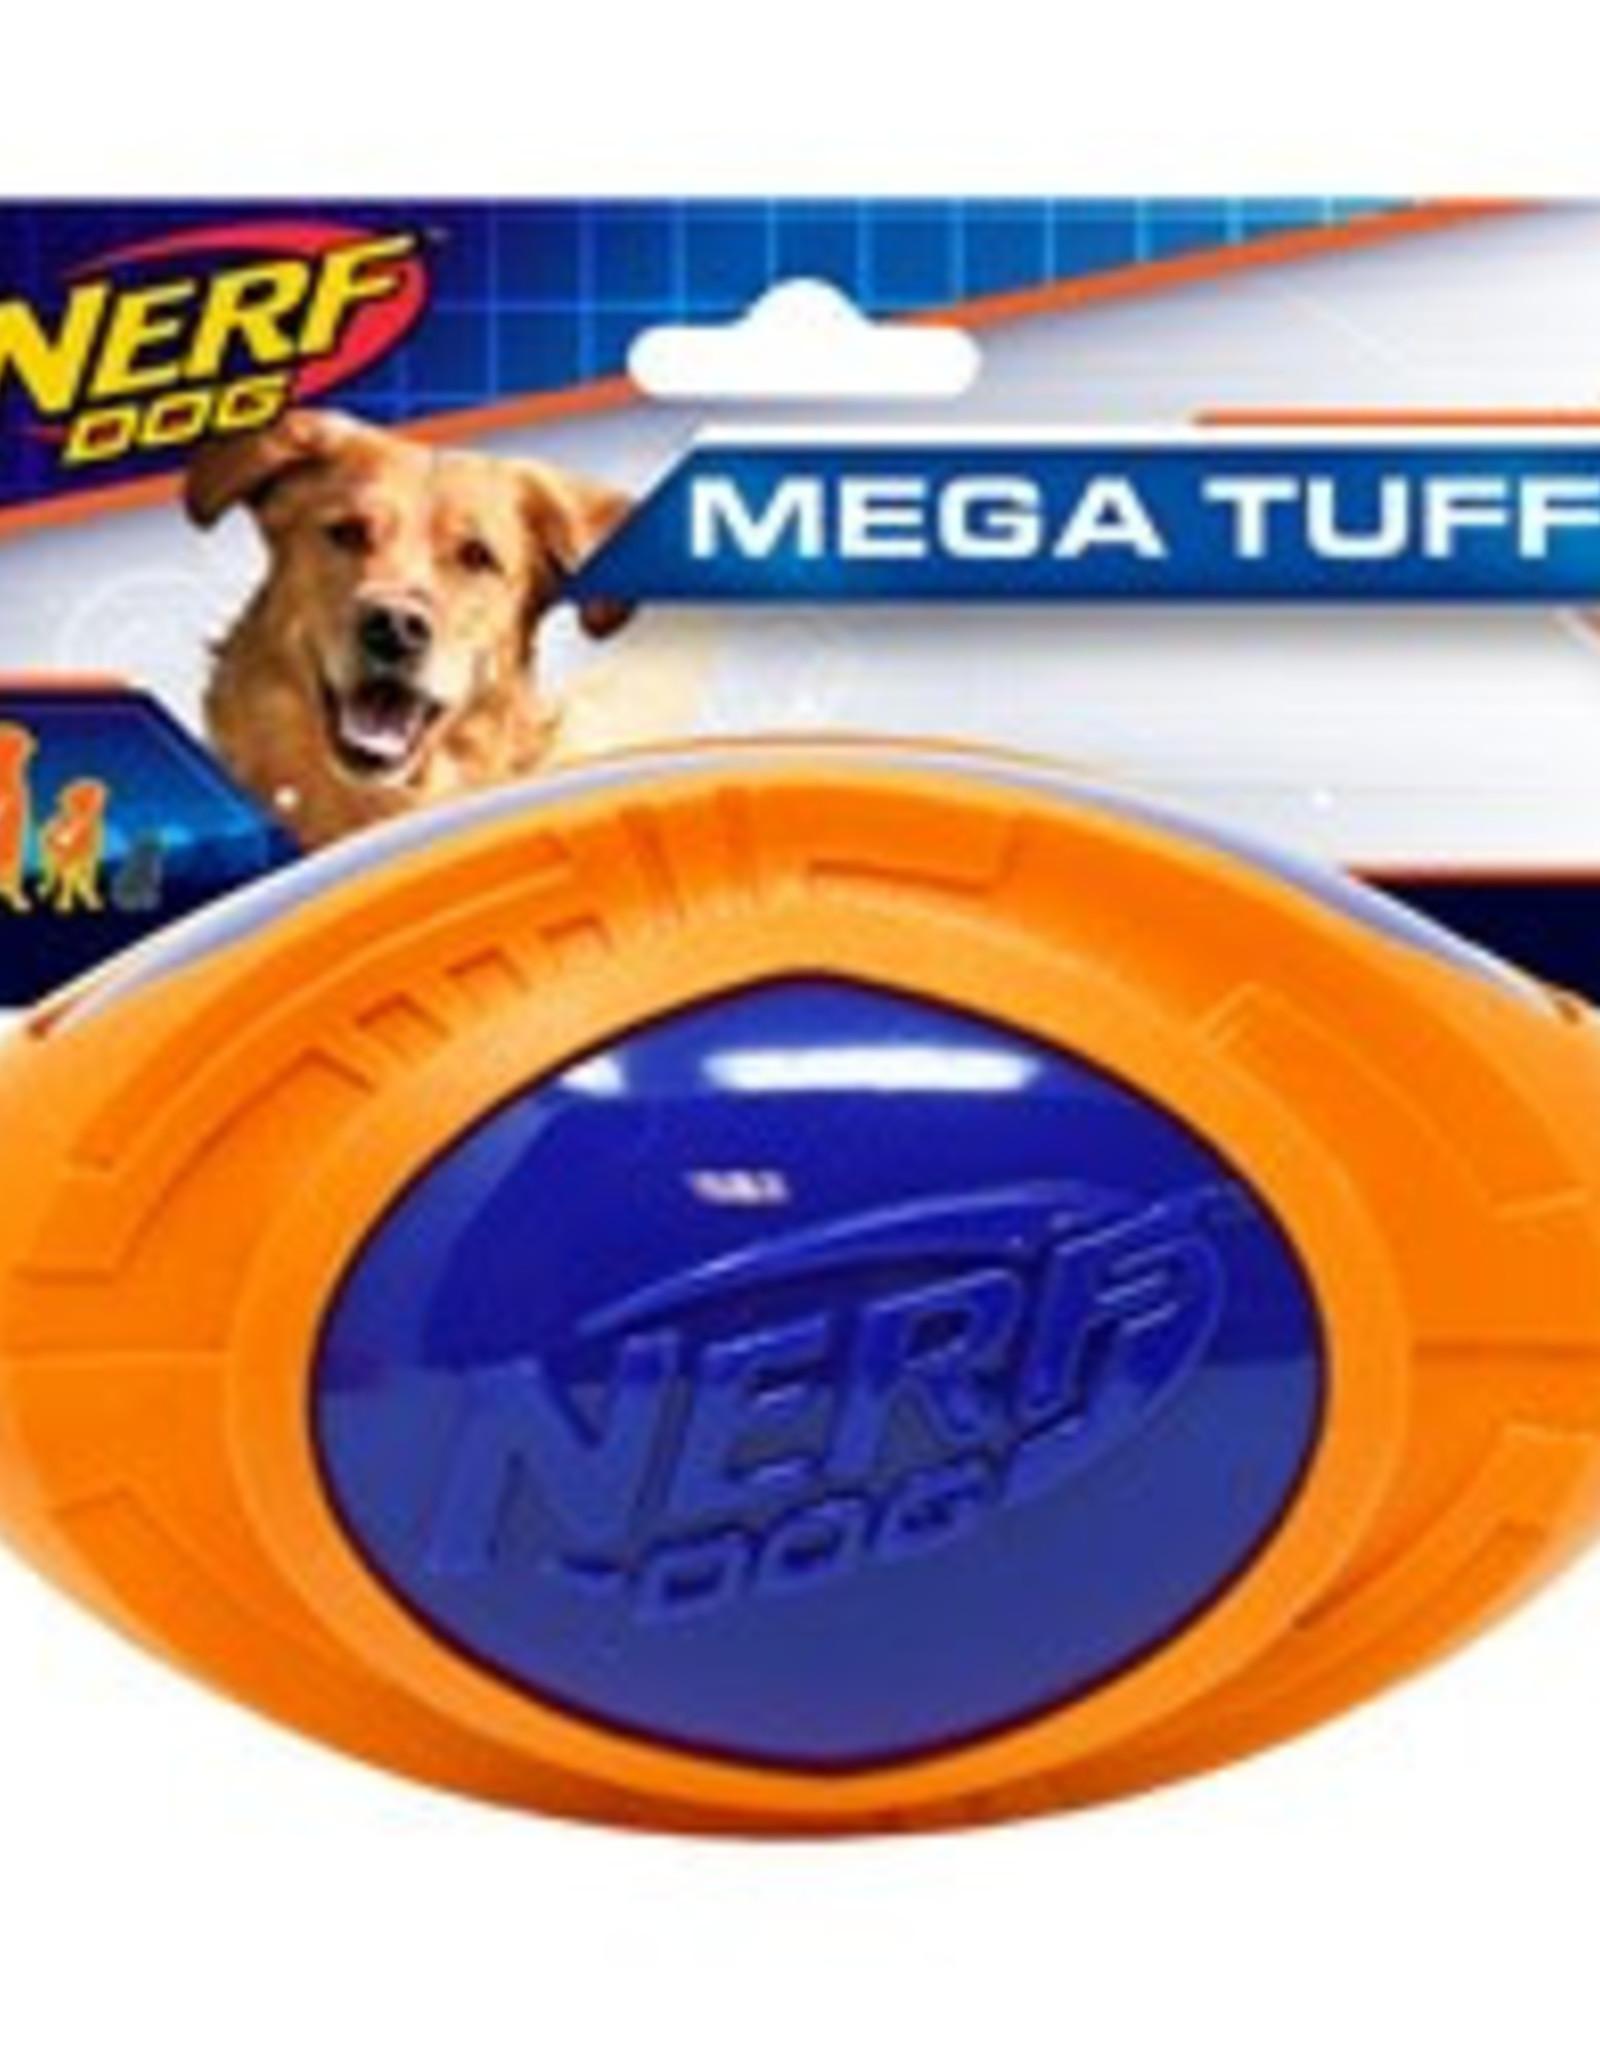 Nerf Dog Mega Tuff Football Toy